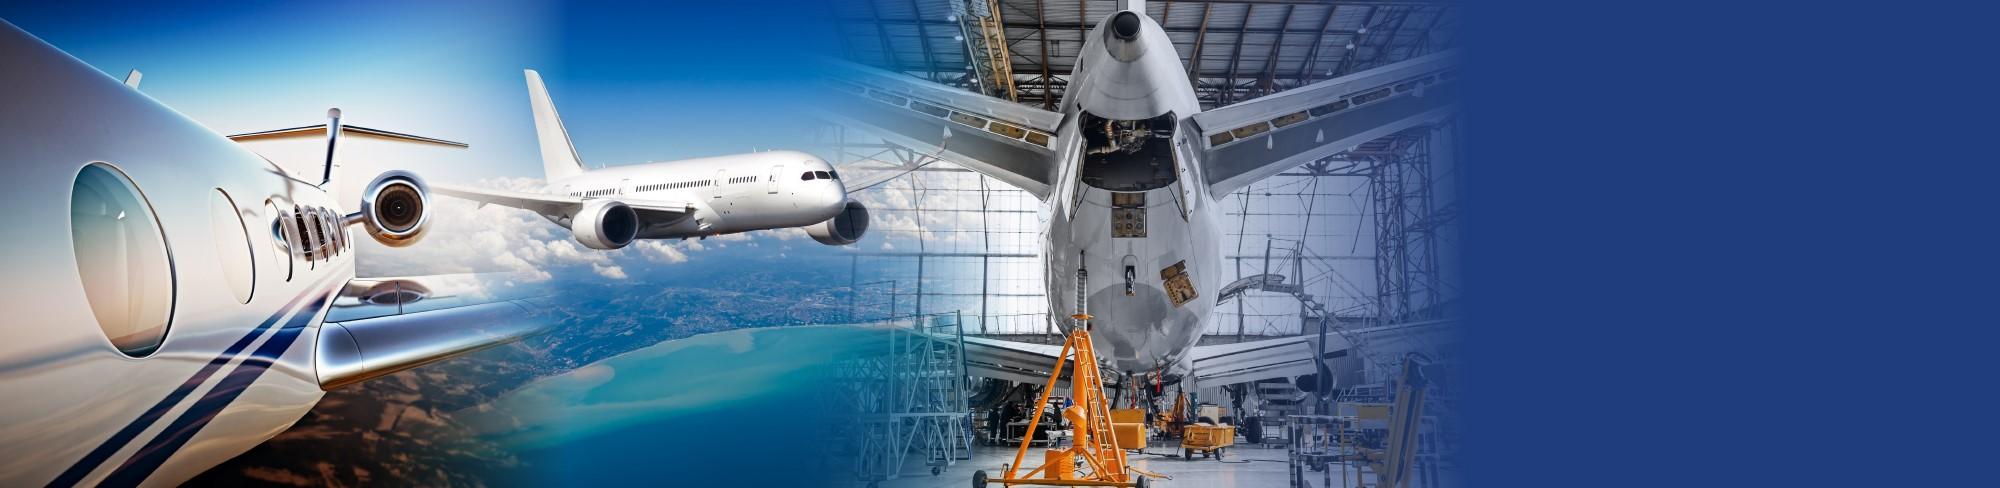 Aerospace Header Image.jpg